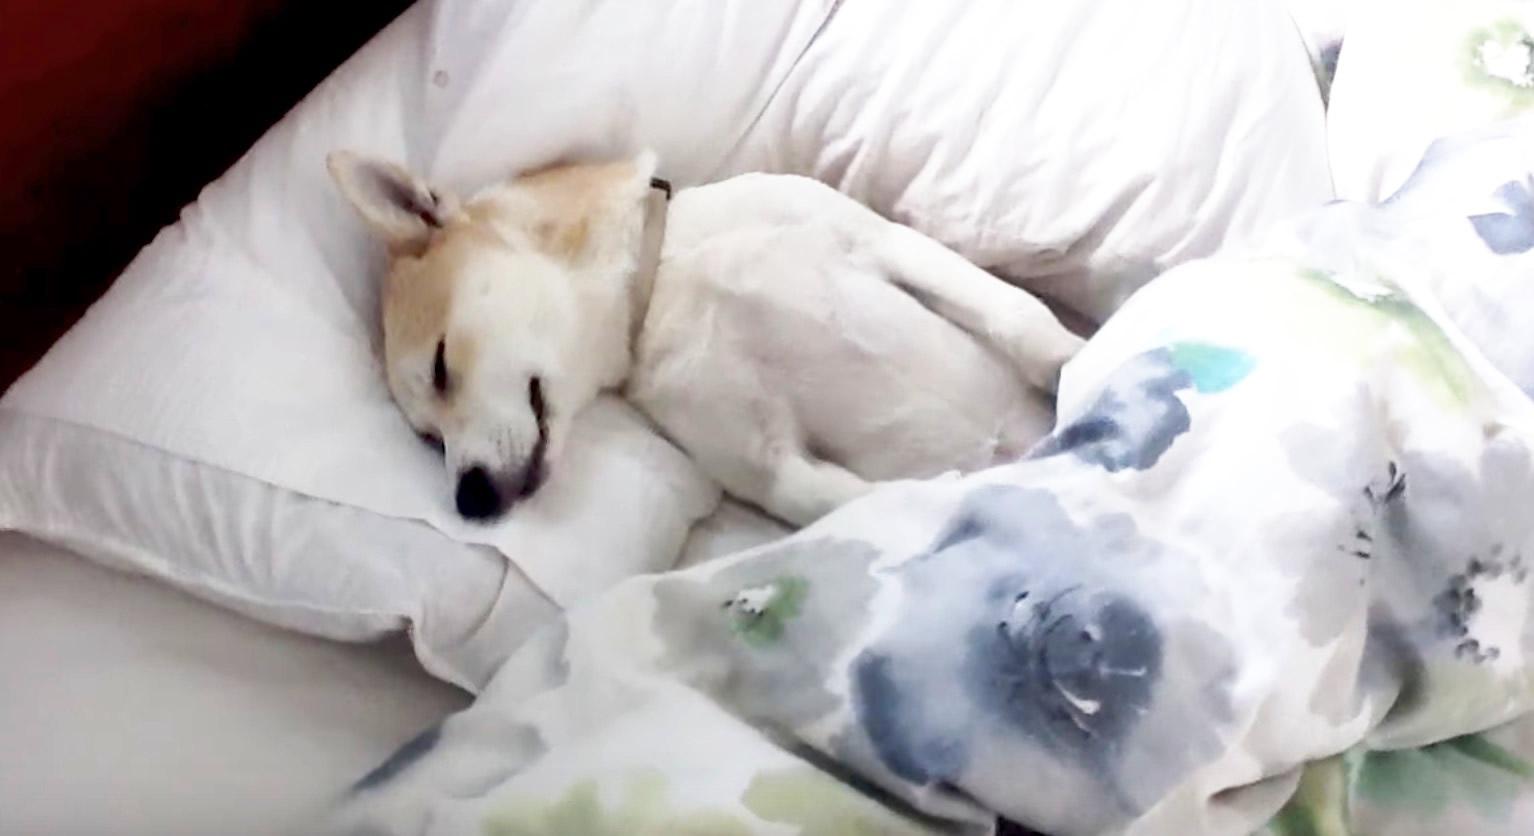 病院が嫌で死んだフリをする犬。何をやっても微動だにしなかったのに「おやつあるよ」と言った途端、、笑